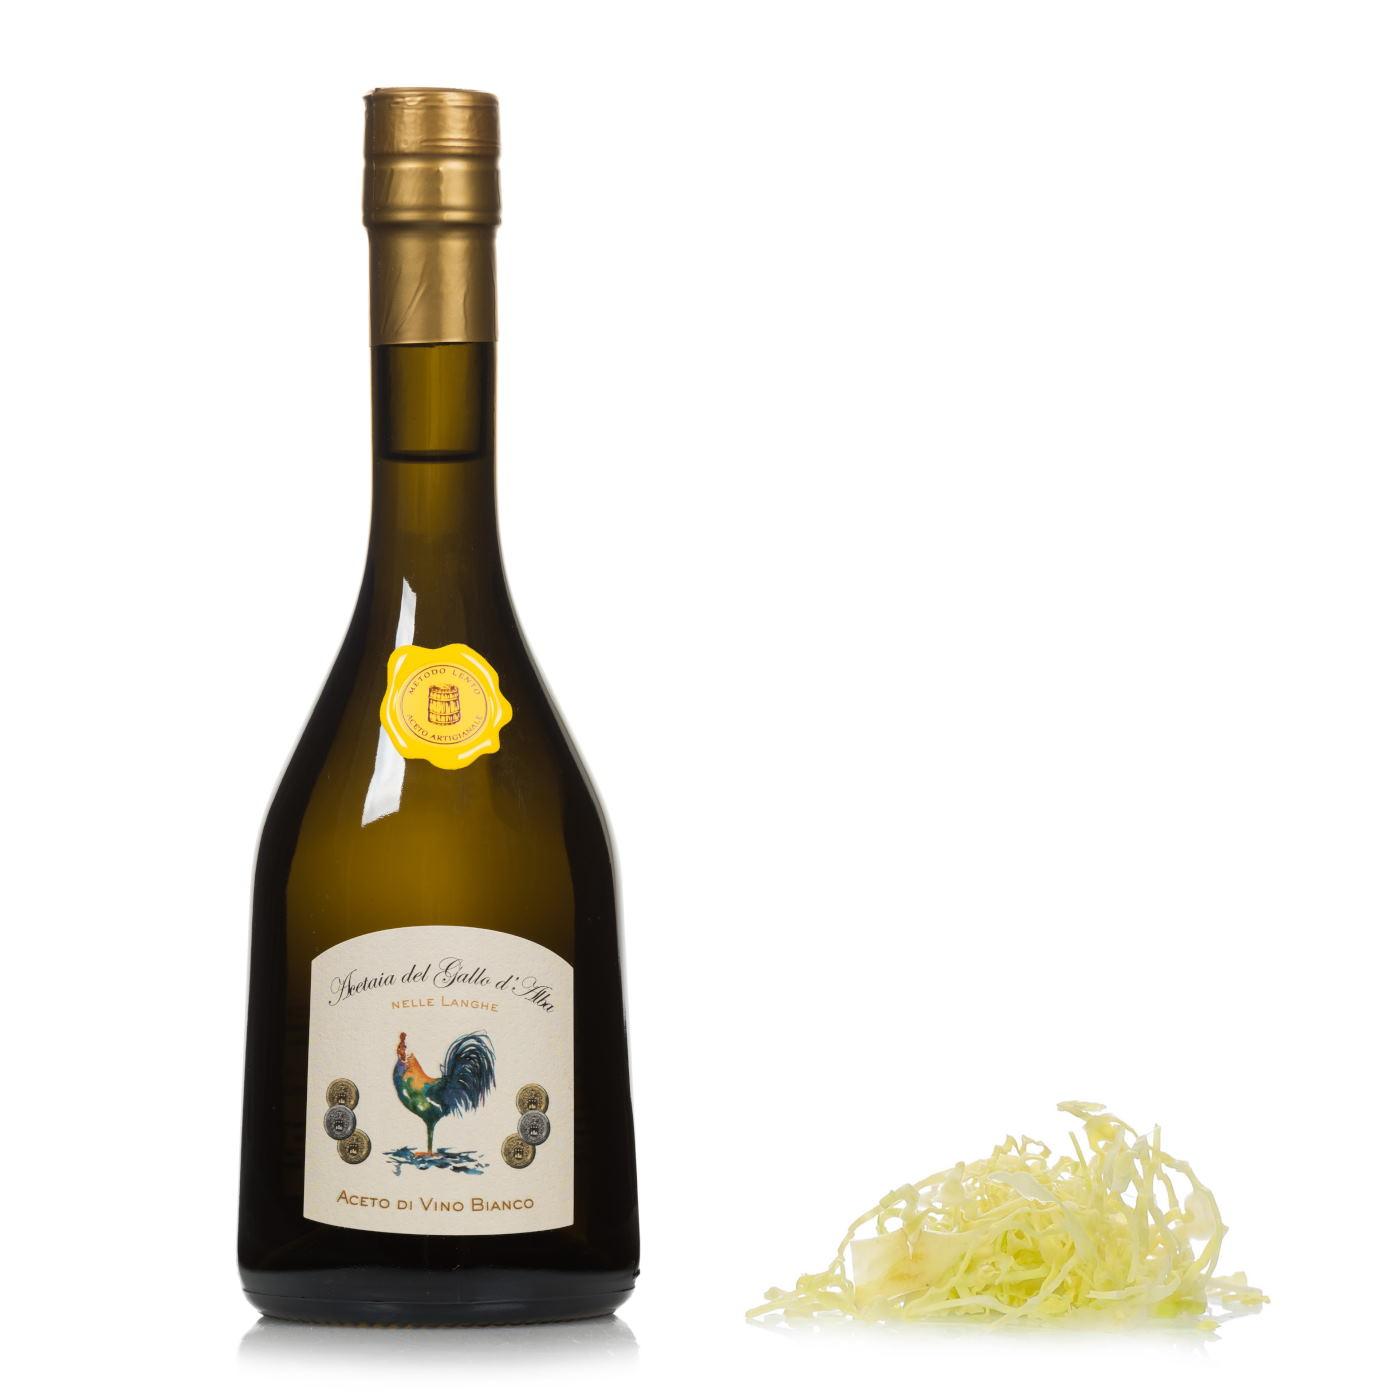 Acetaia del Gallo Aceto Bianco Lento 0,5l